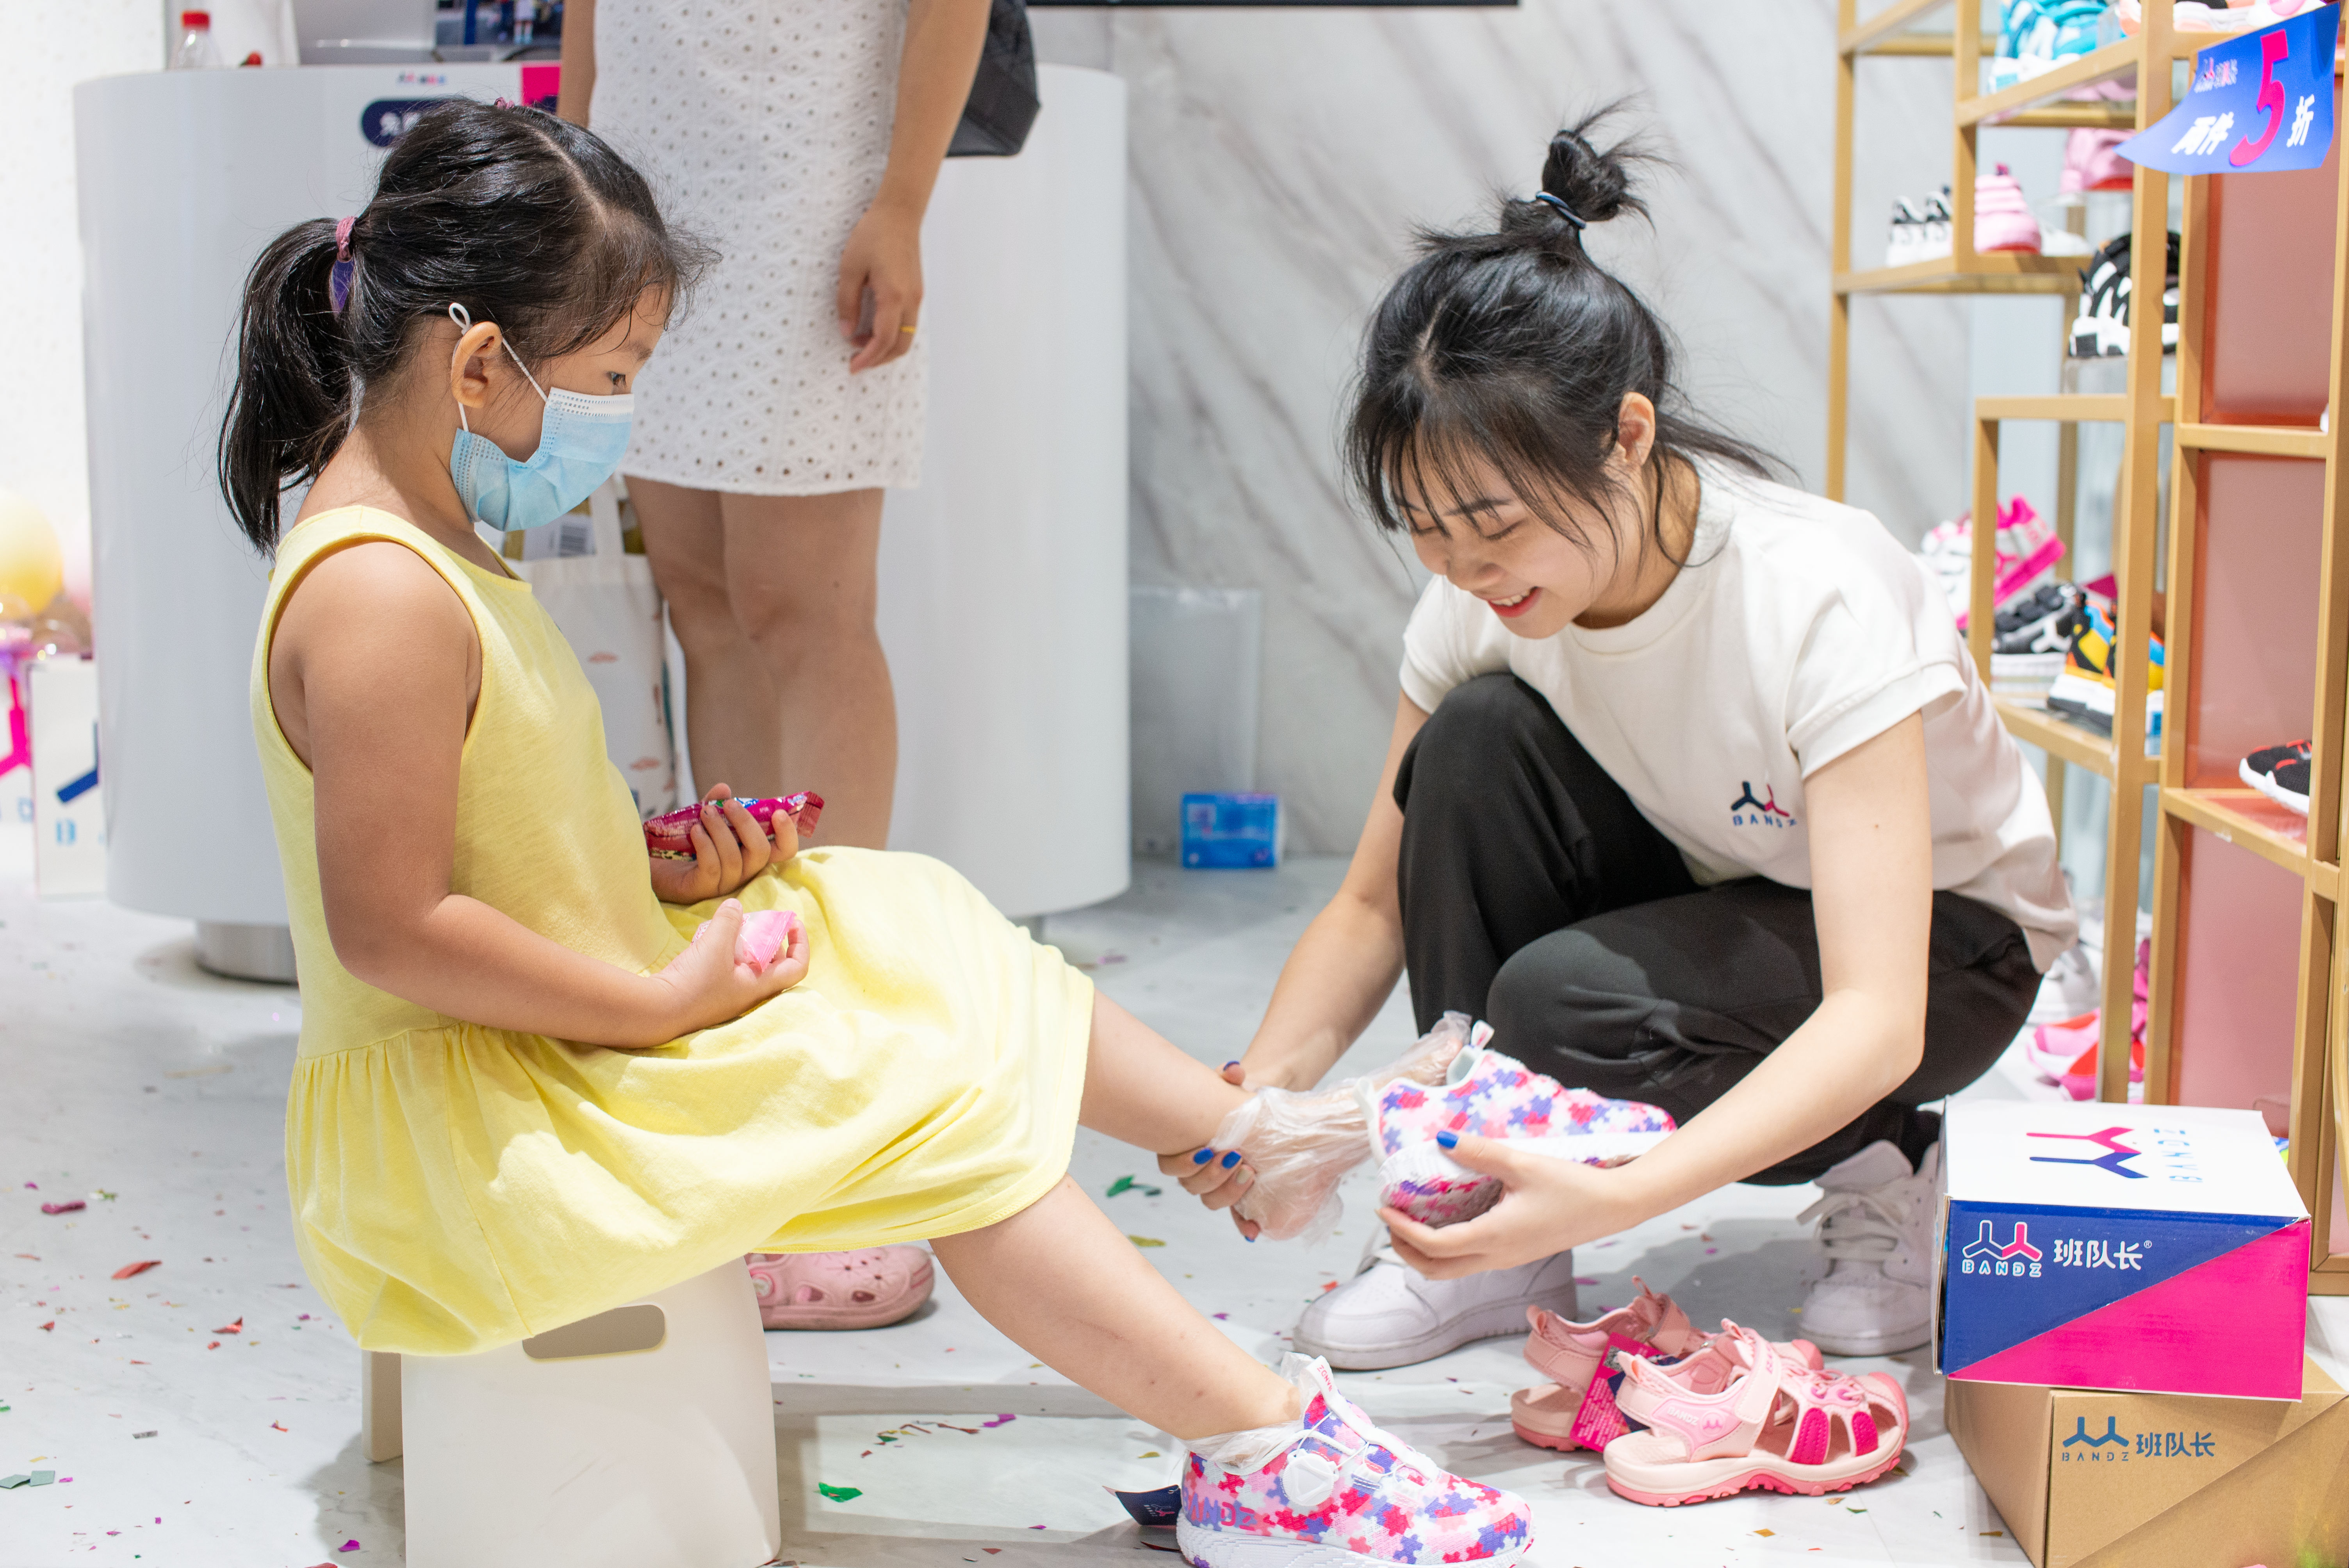 潮牌童鞋班队长BANDZ东莞国贸中心博士店盛大开业